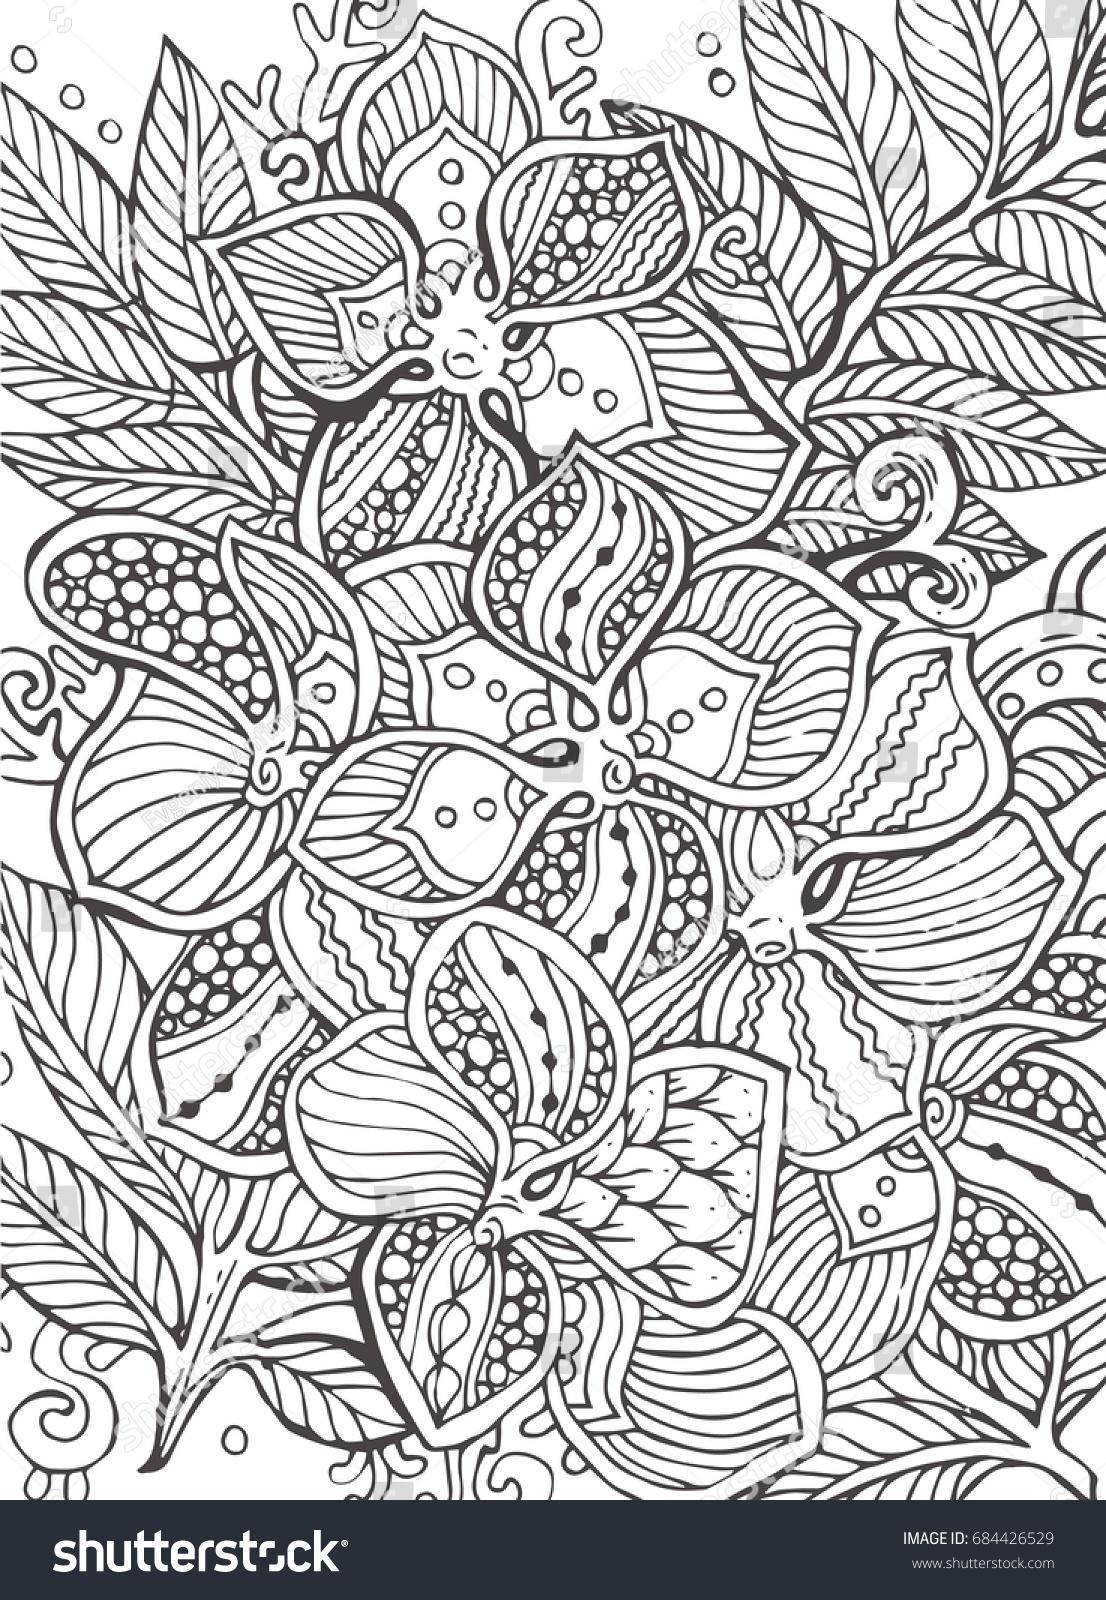 Image Vectorielle De Stock De Fleurs Tropicales Motif